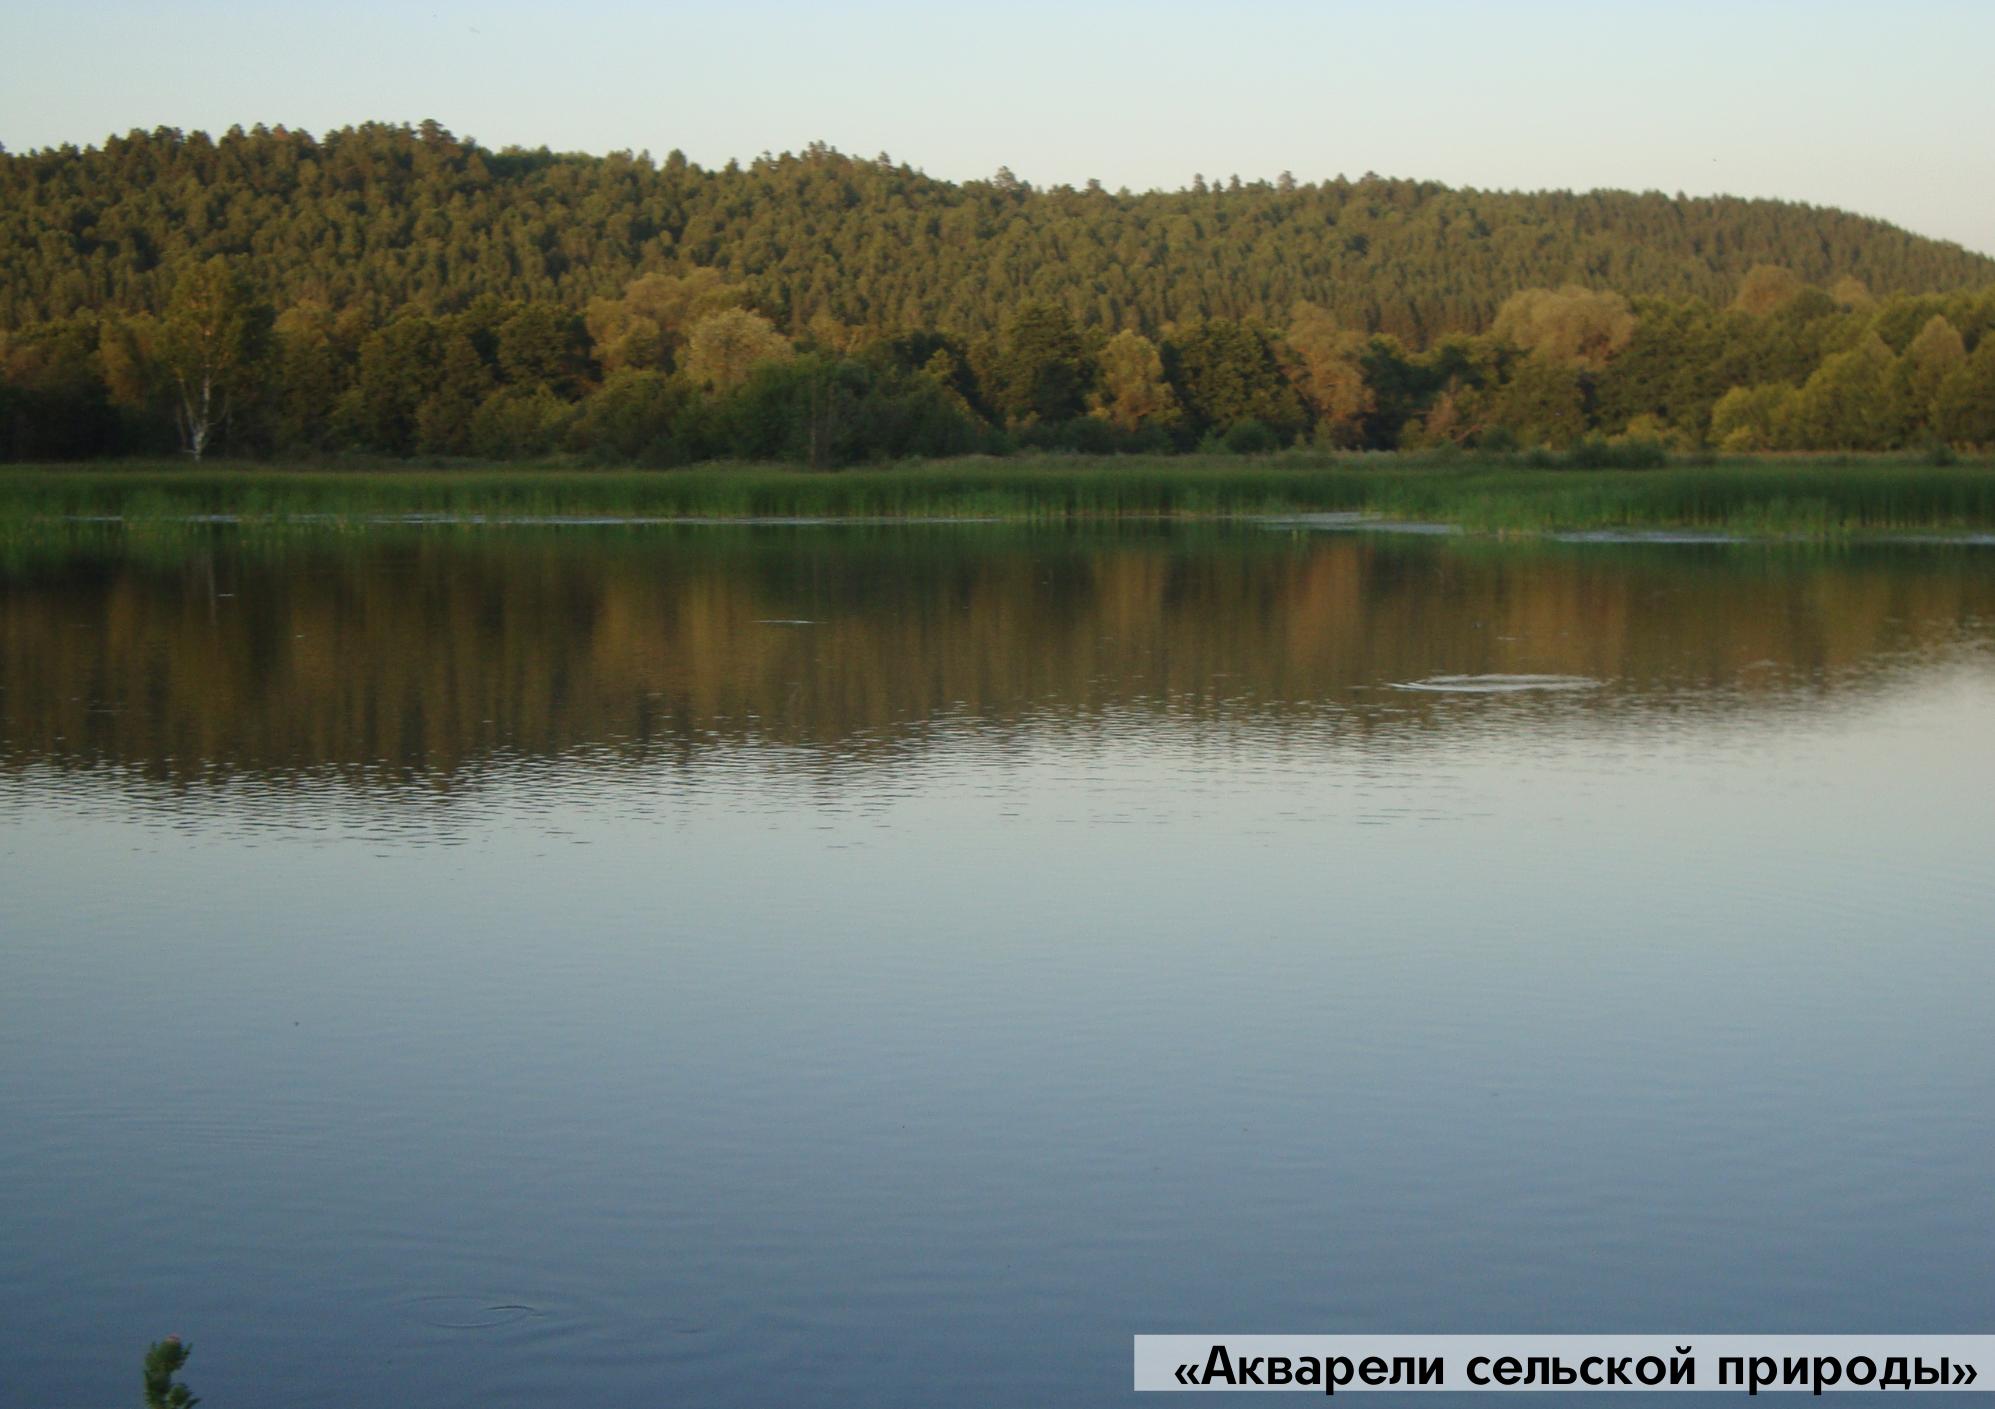 Фото предоставлено министерством культуры и туризма Пензенской области